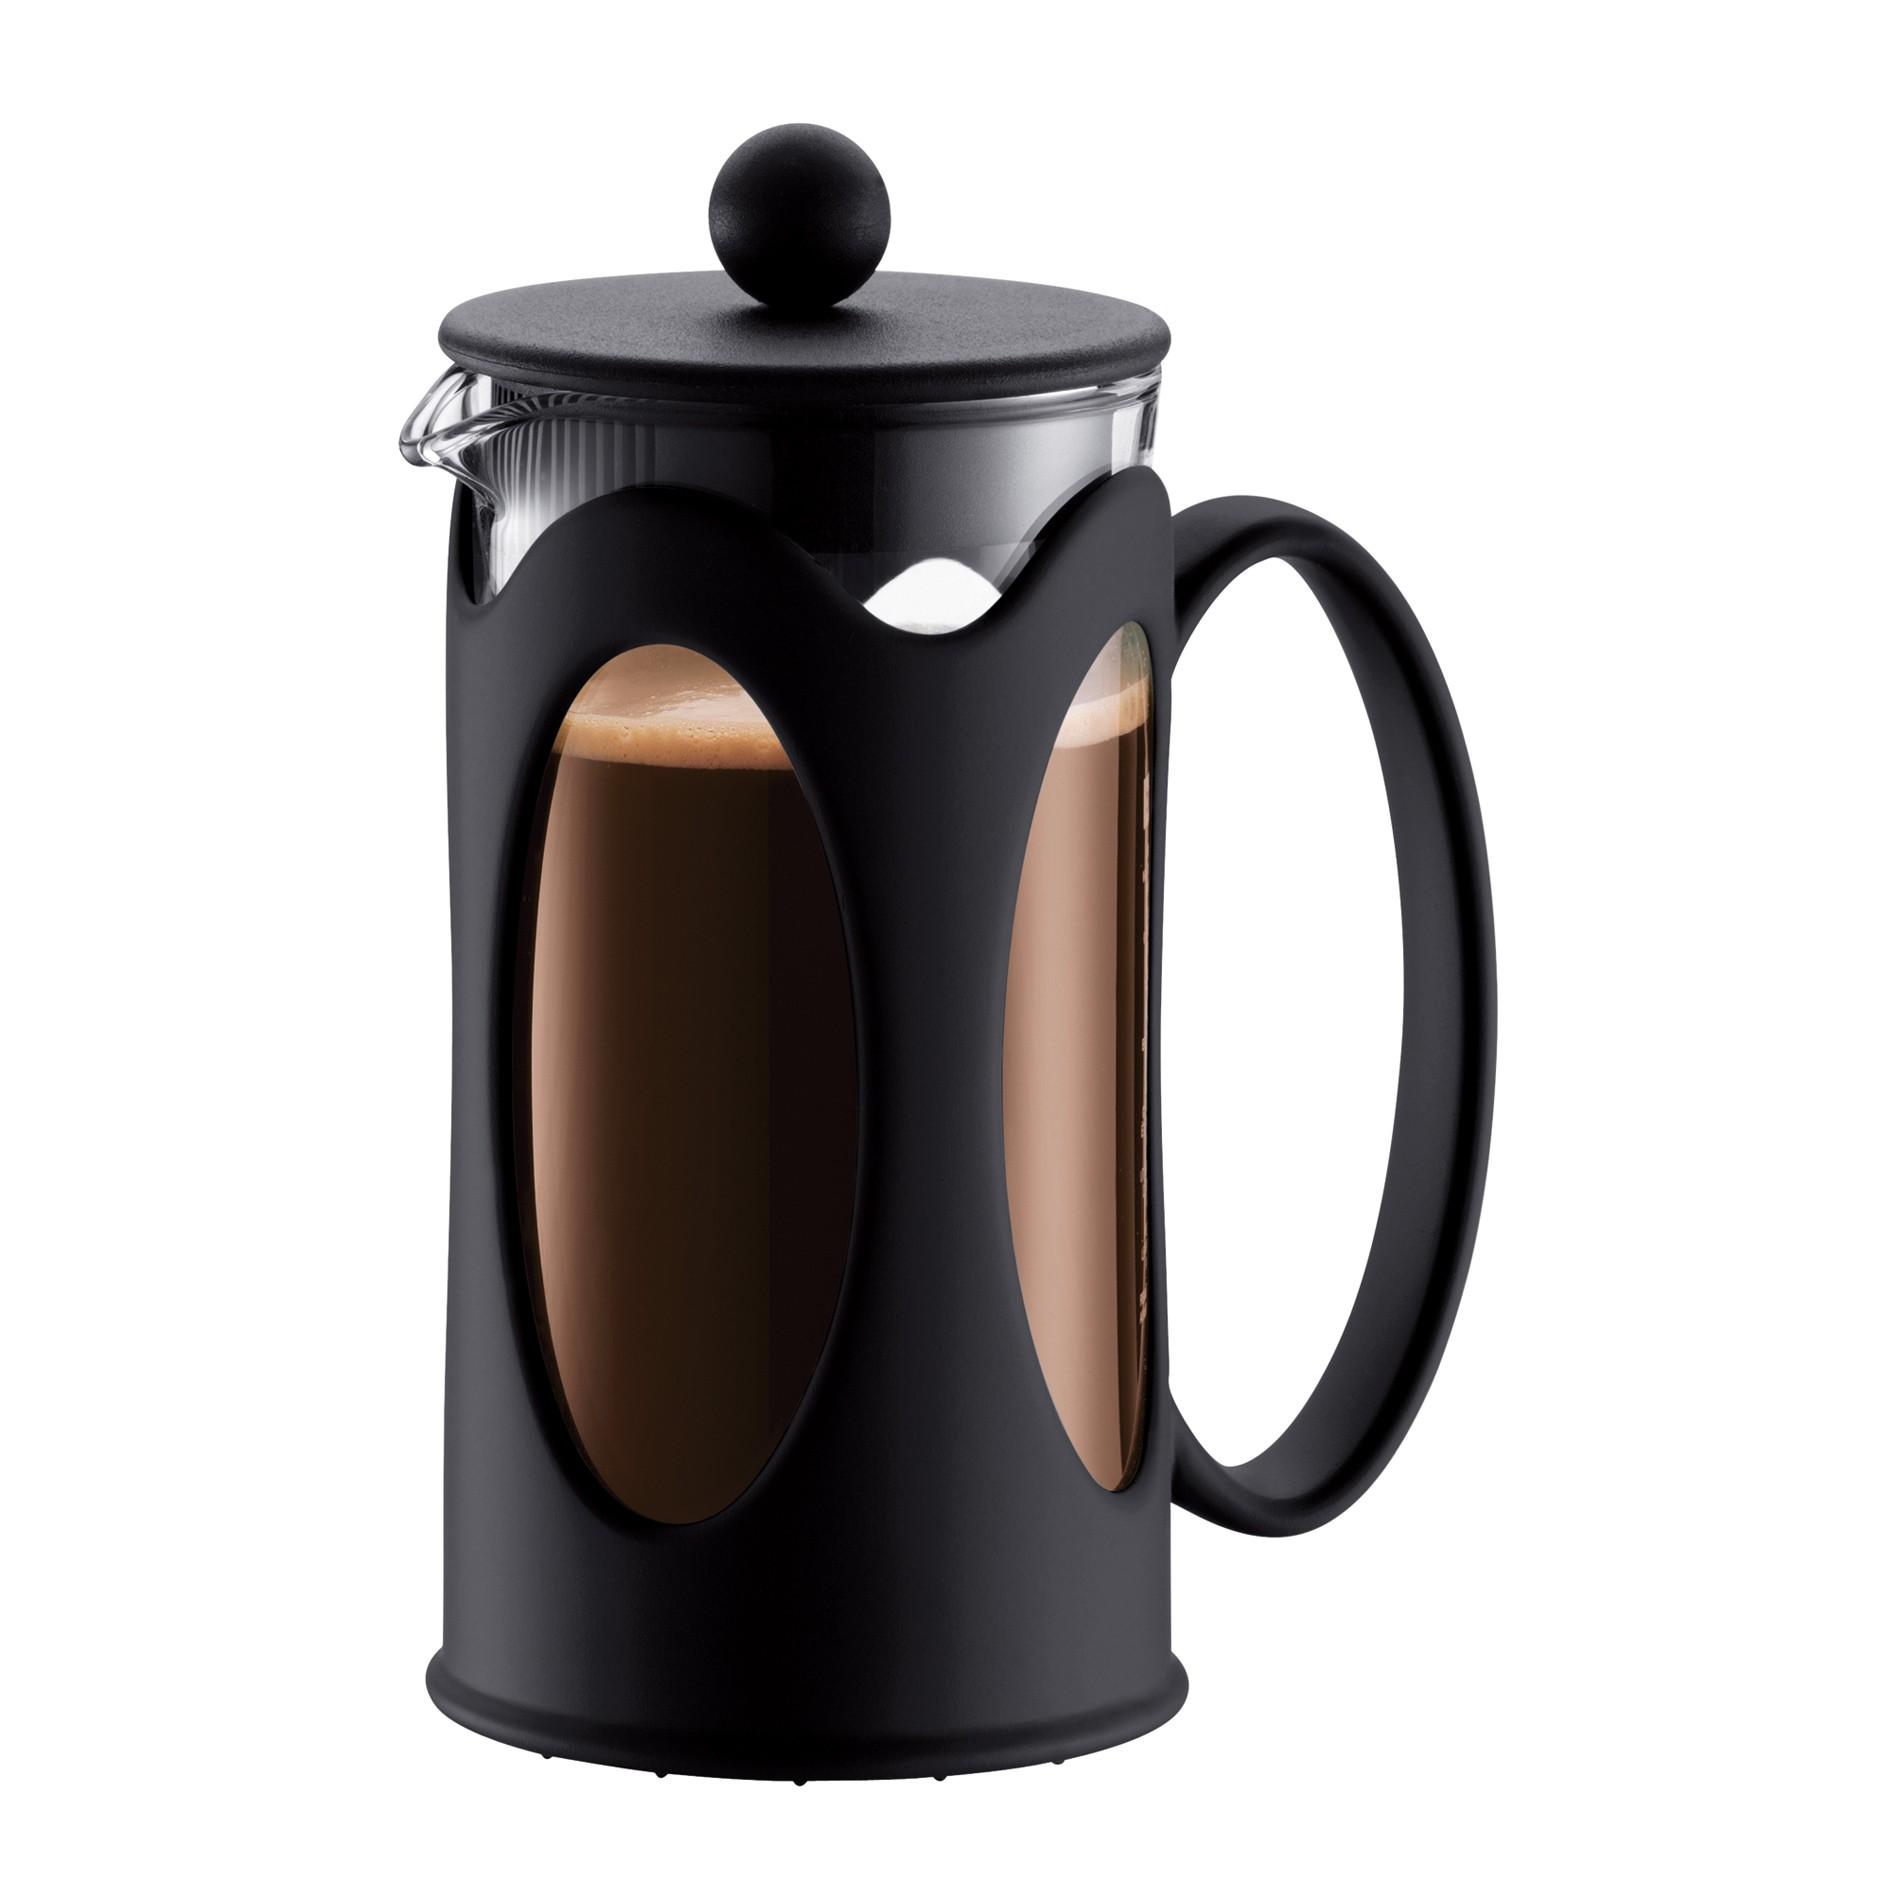 Καφετιέρα Γαλλικού καφέ Κenya Βodum 350ml home   ειδη cafe τσαϊ   καφετιέρες